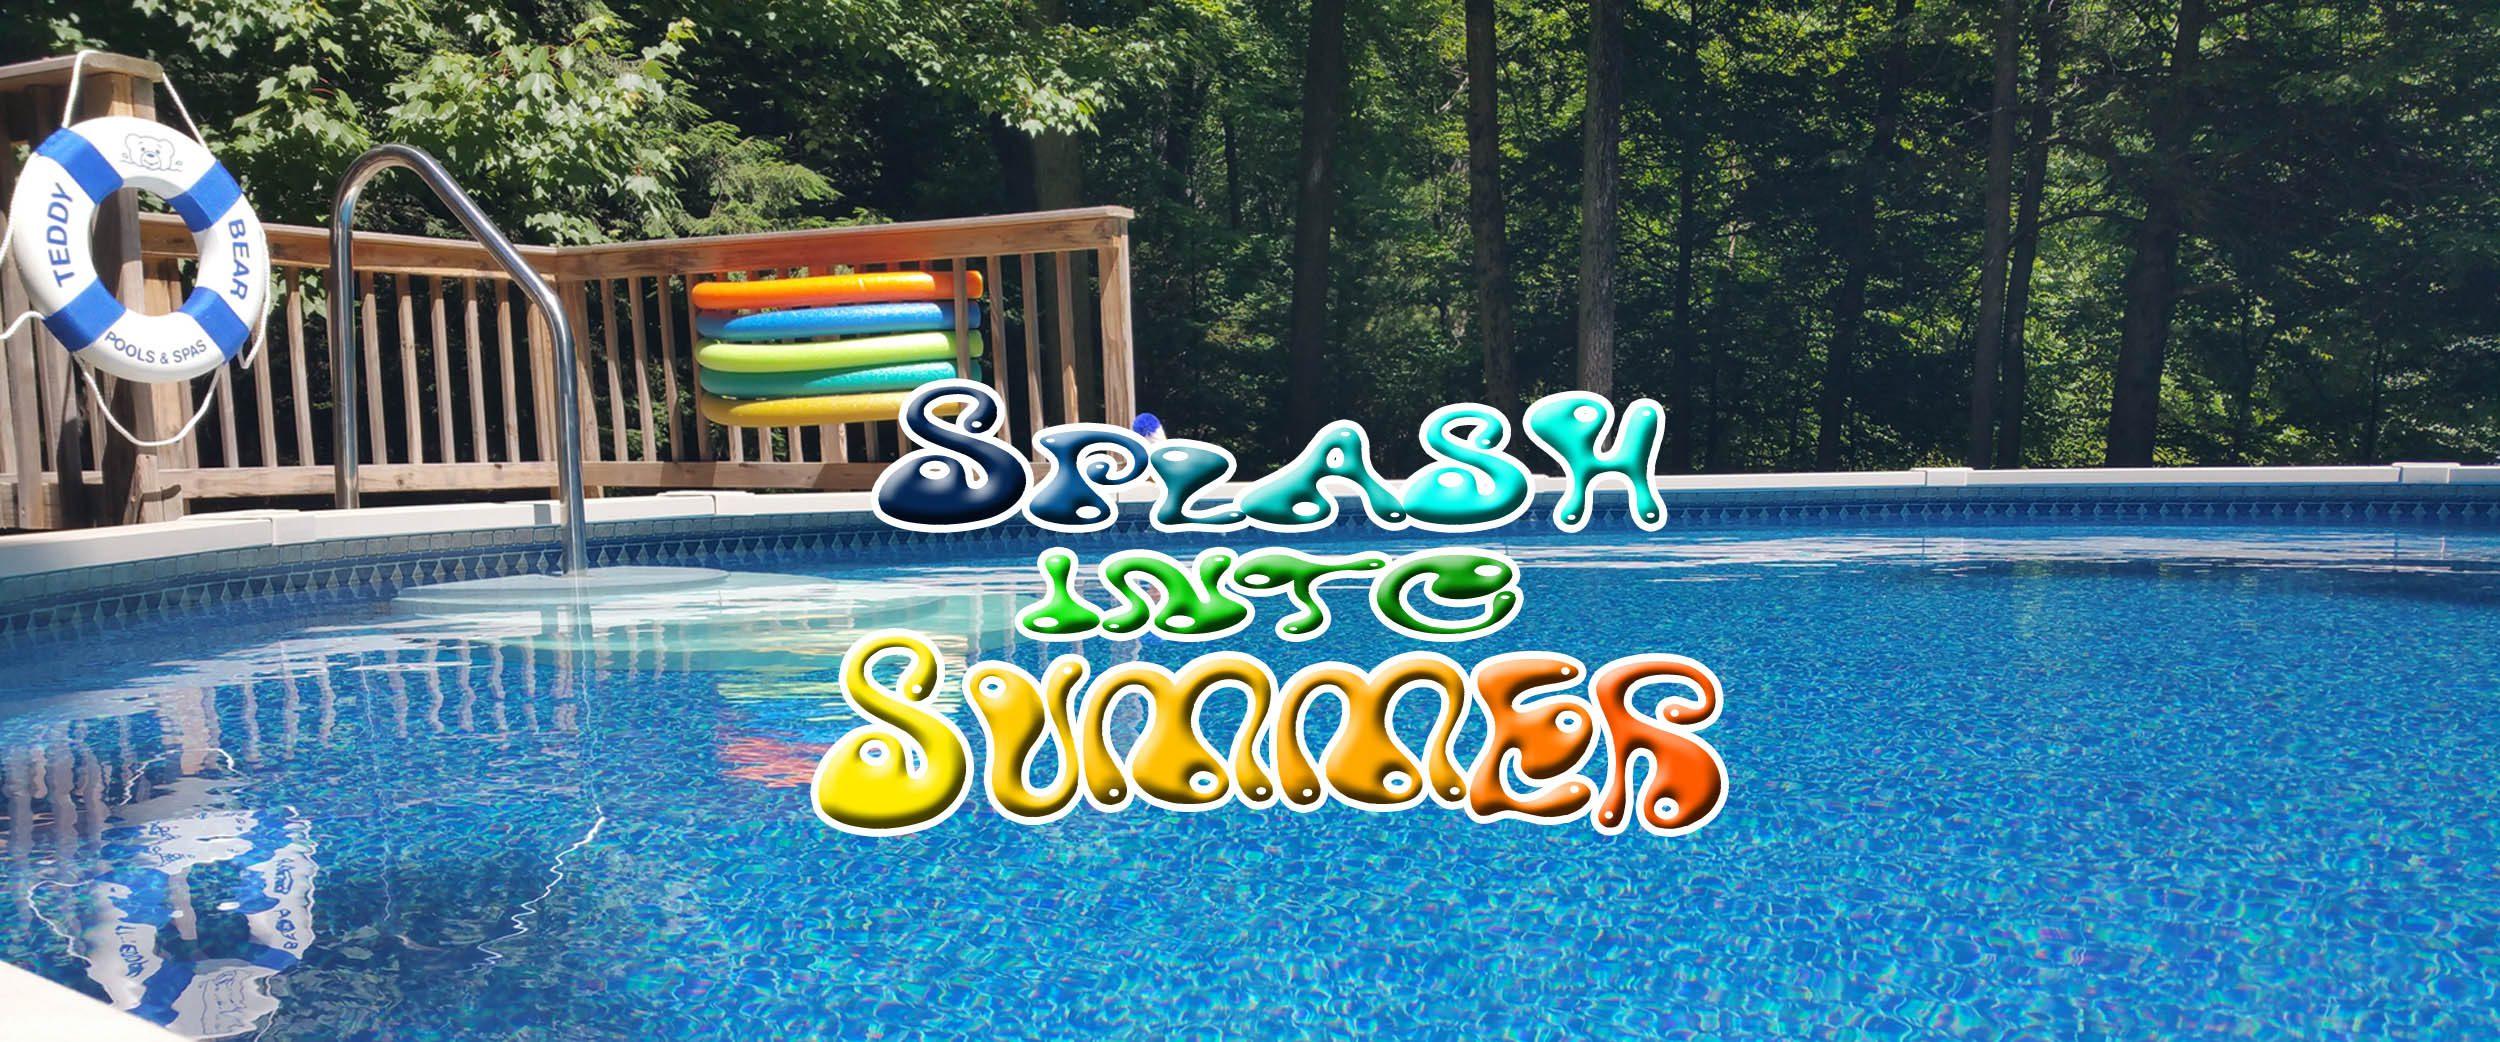 Teddy Bear Pools And Spas Home Teddy Bear Pools And Spas